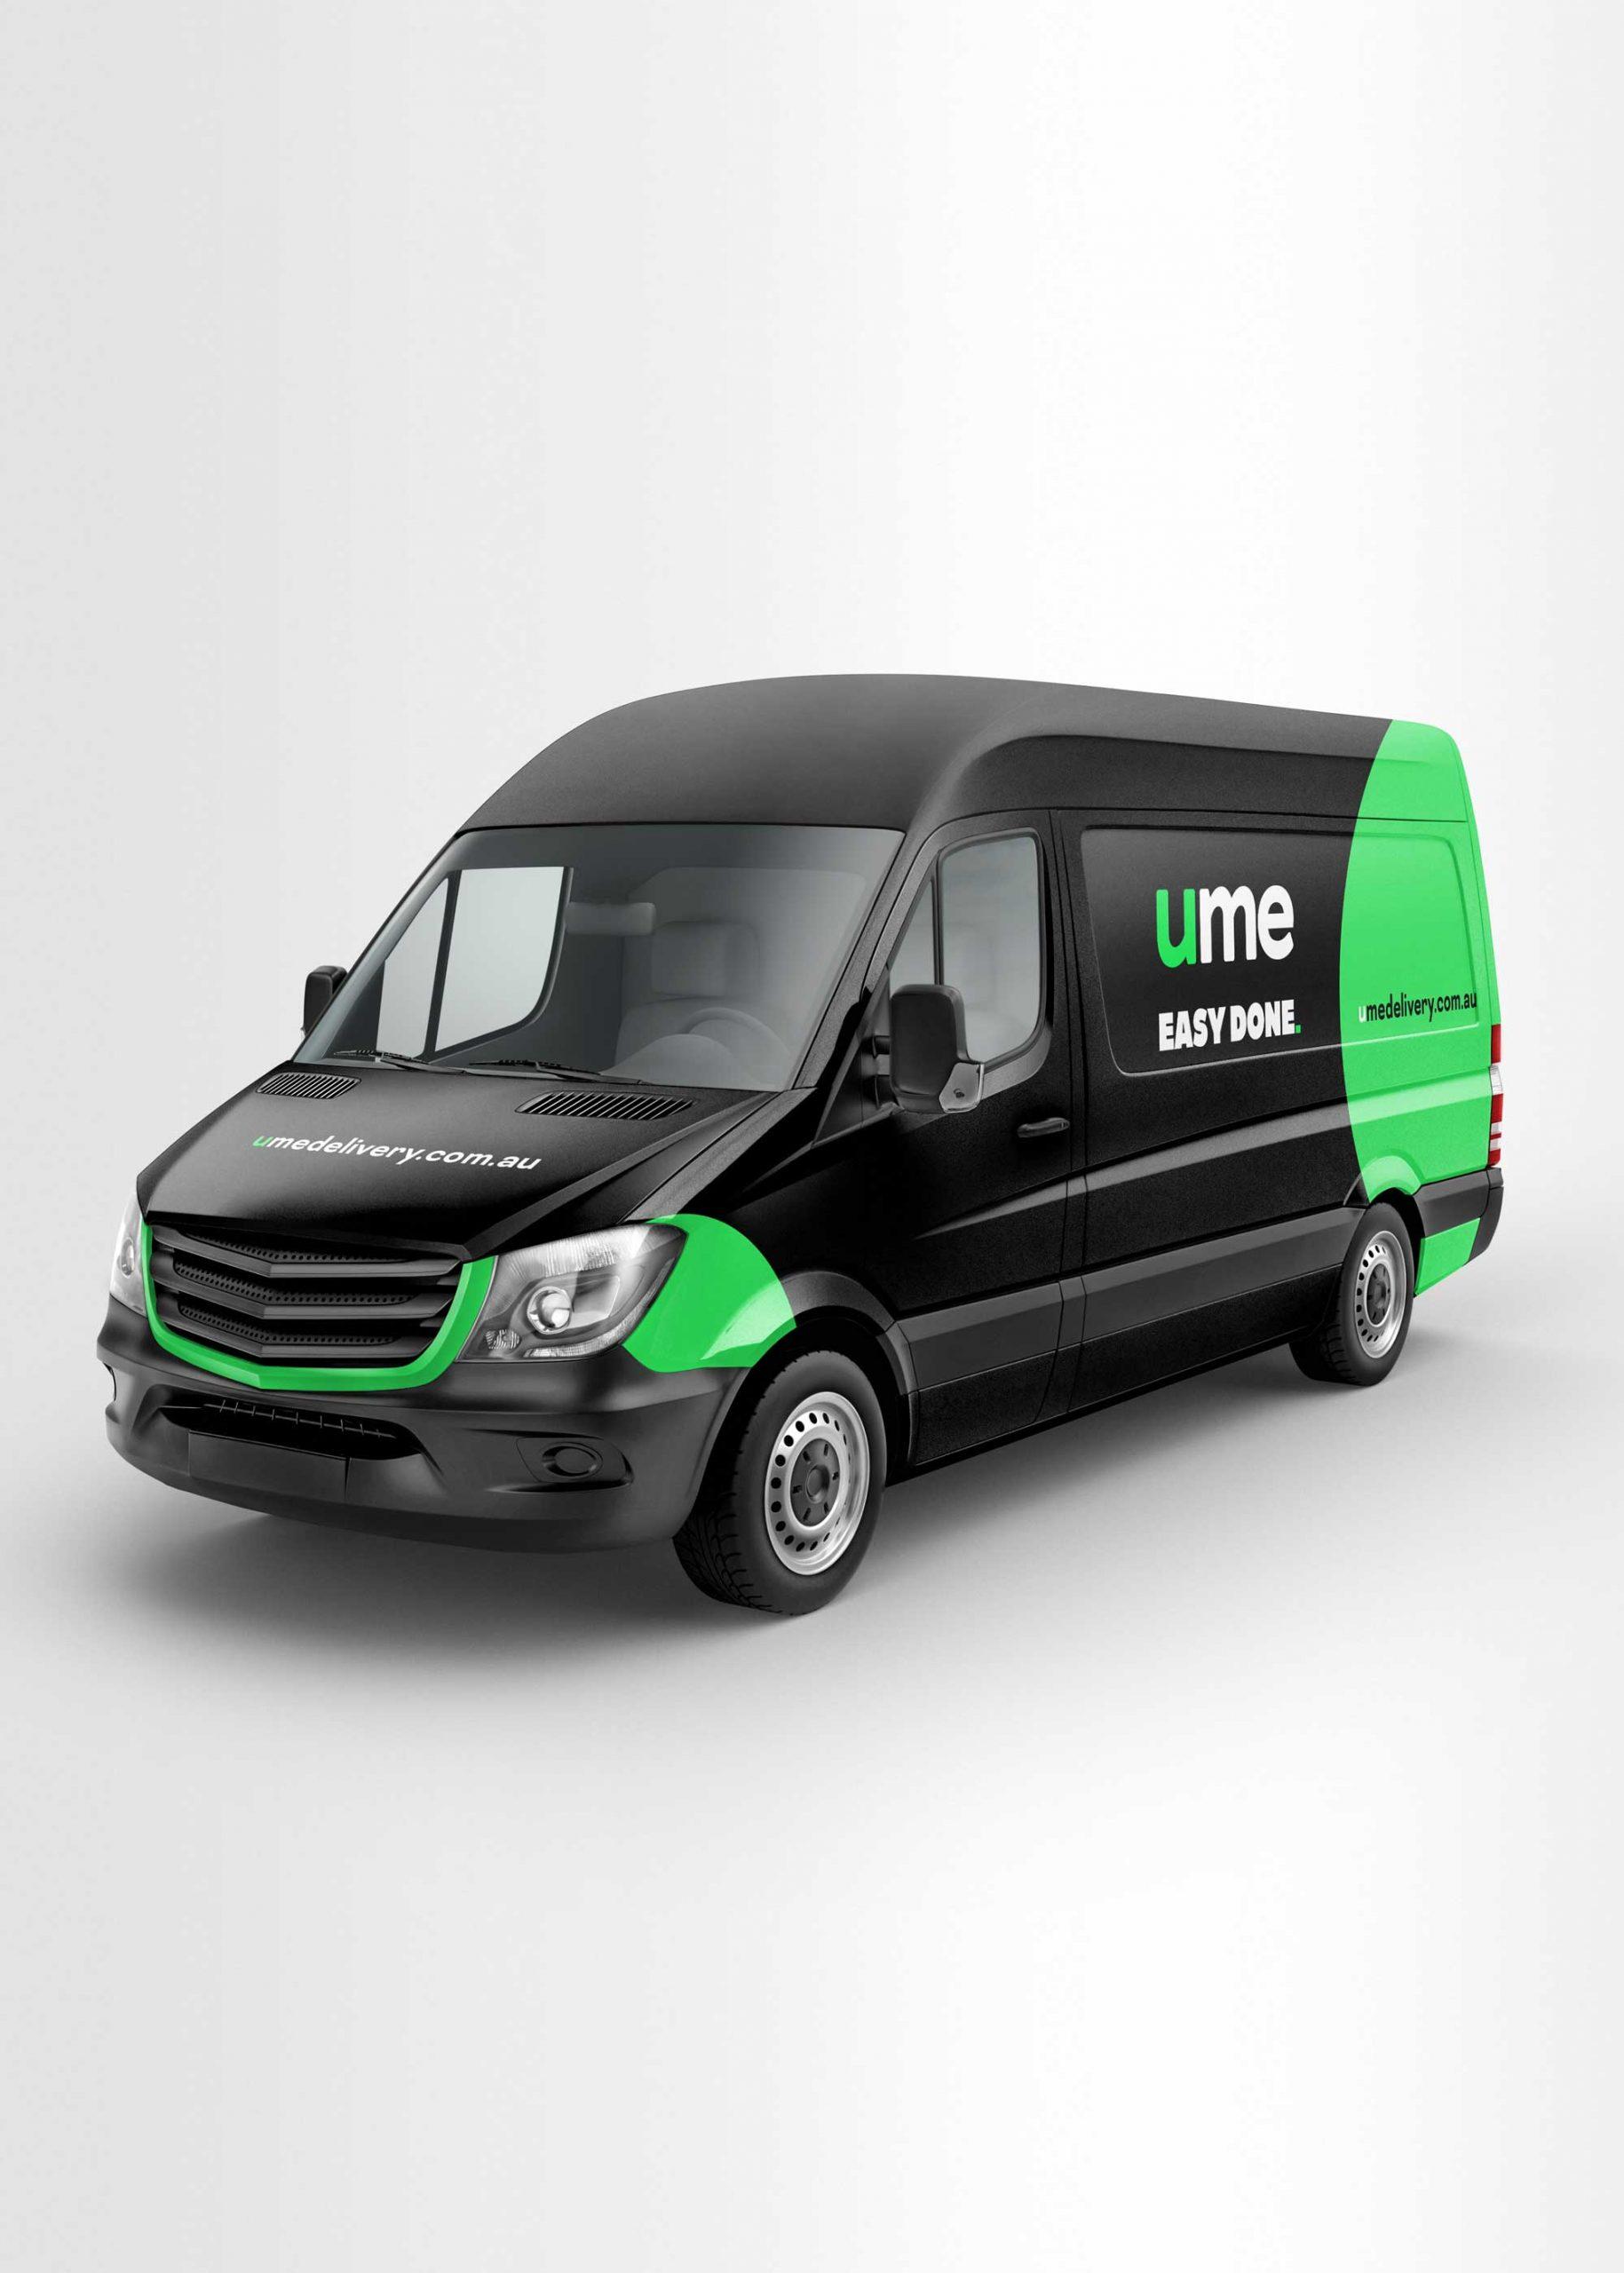 A new era in community-driven logistics.